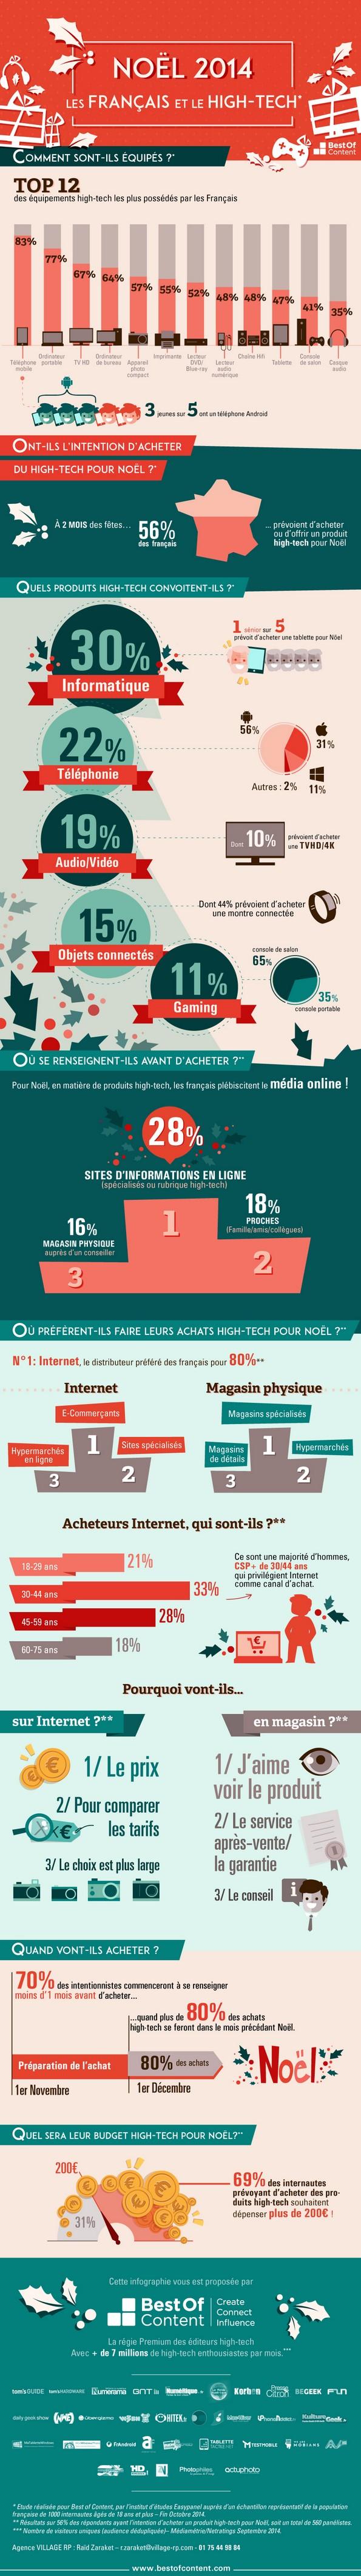 Infographie : les intentions d'achats des Français en matière d'high-tech pour Noël selon une étude Best Of Content - Offremedia